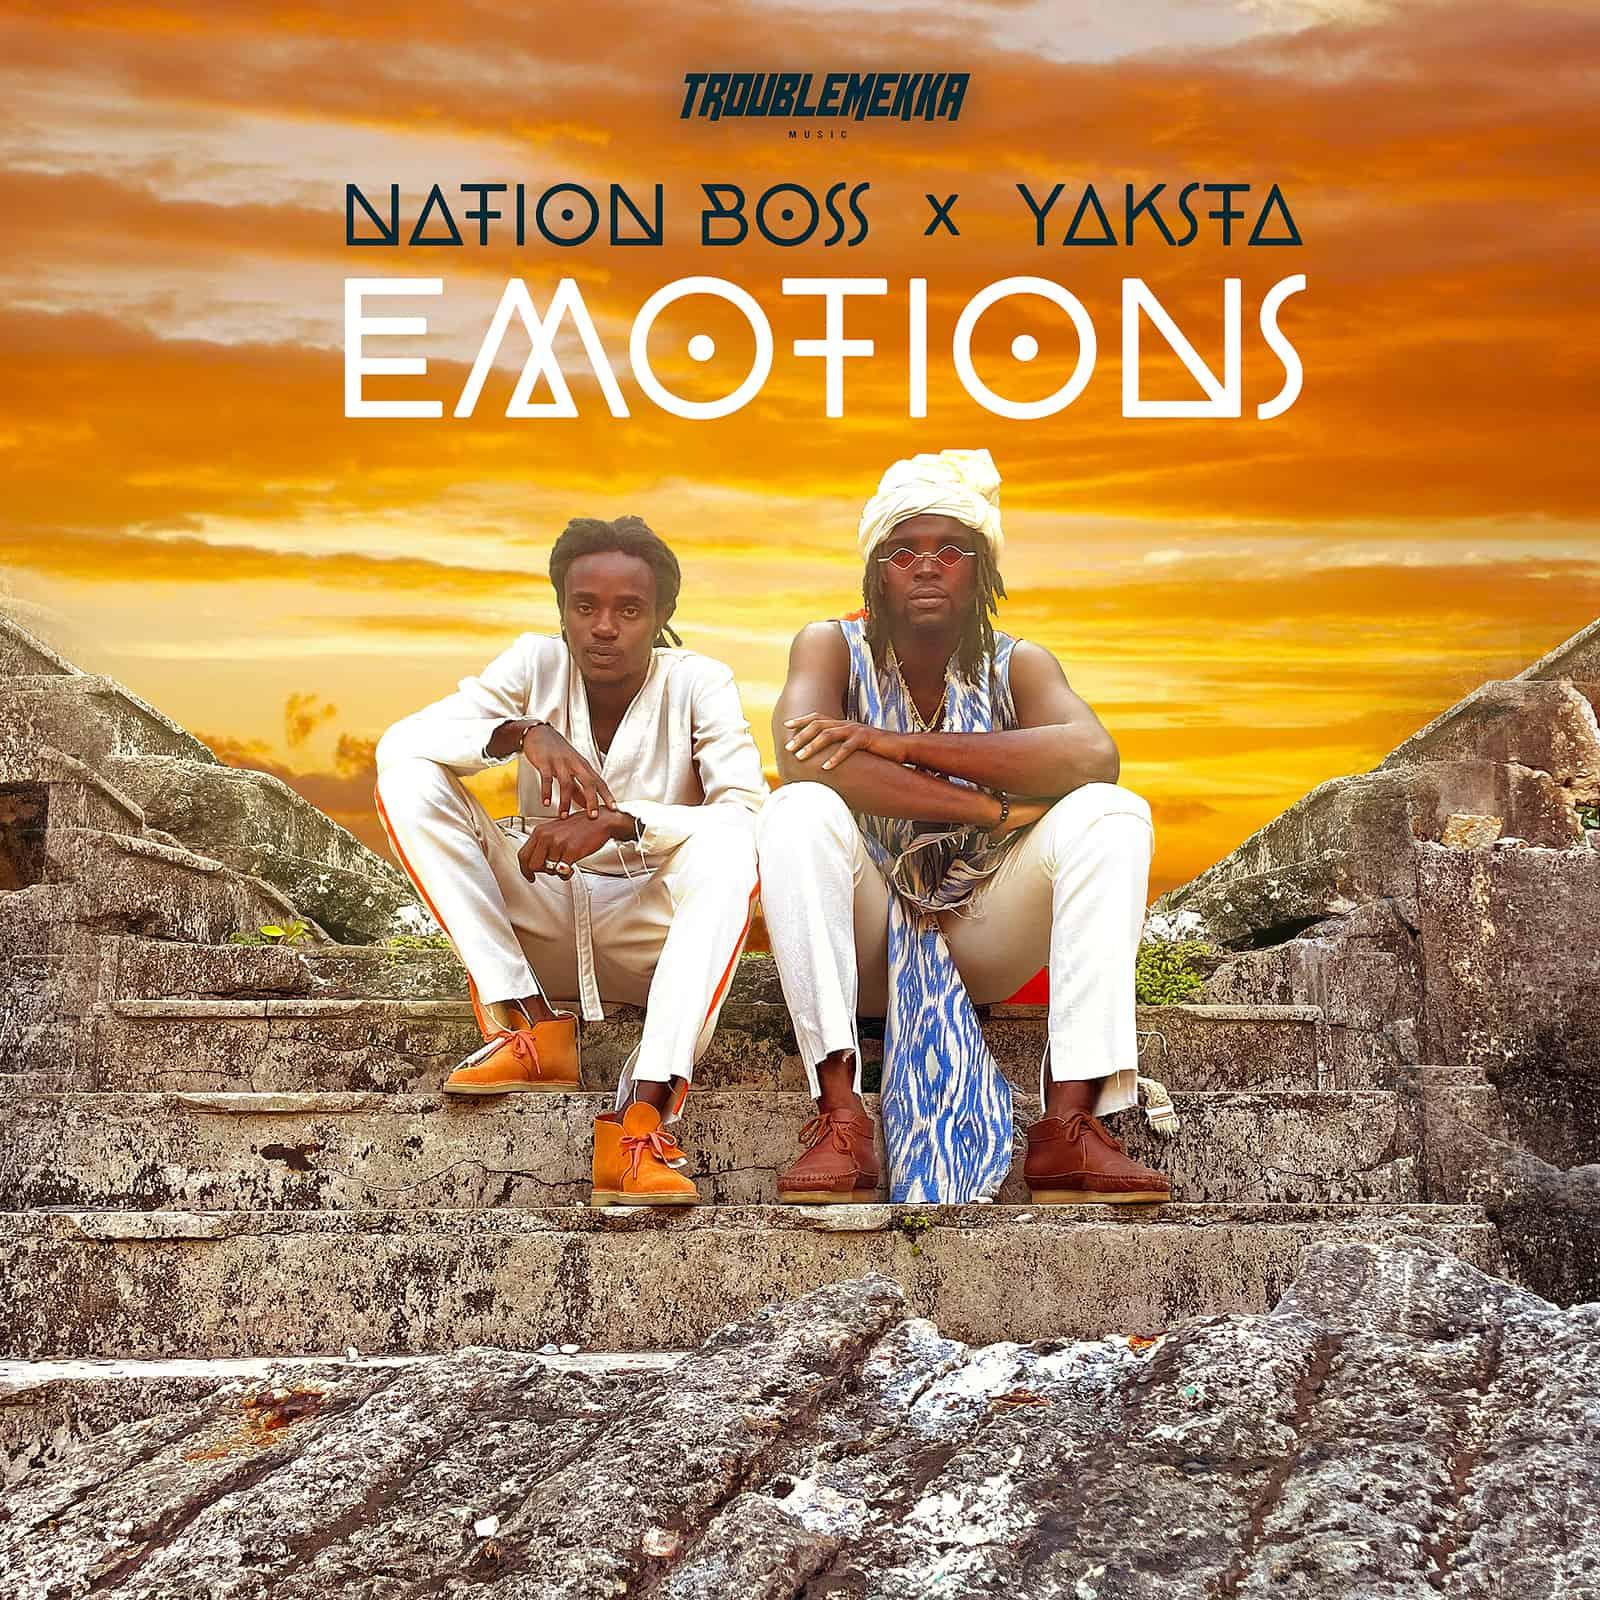 Nation Boss & Yaksta - Emotions - Troublemekka